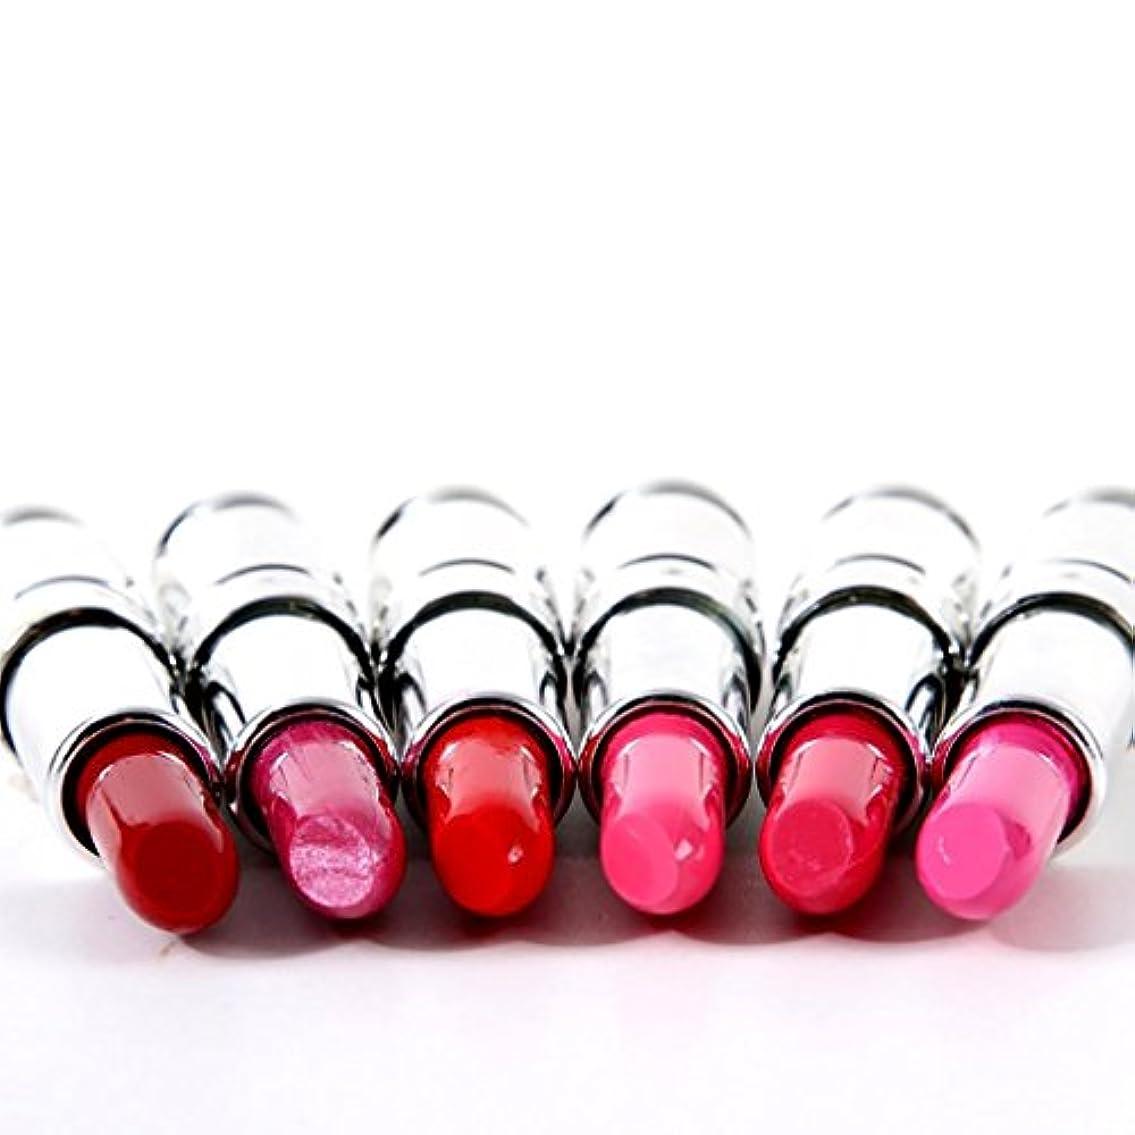 そうでなければ叙情的な一般リップスティック 口紅 セット 潤い 人気色 唇メイク 6色入り